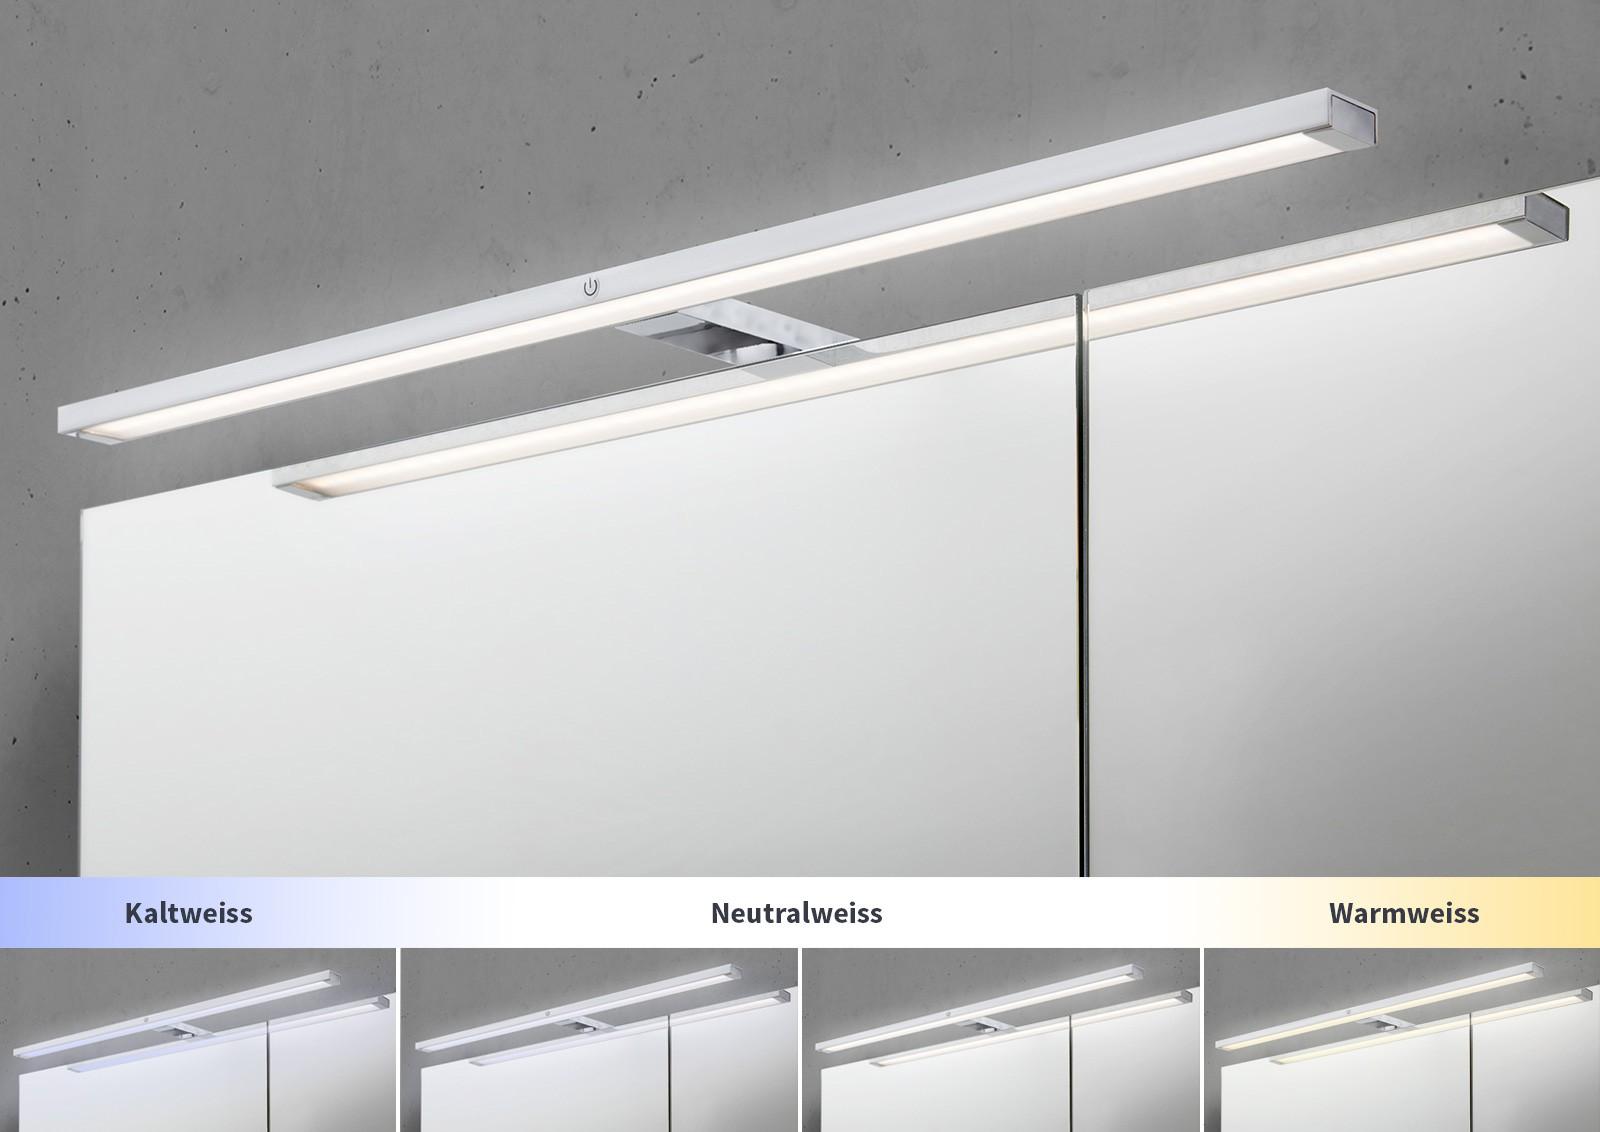 spiegelschrank bad 120 cm led beleuchtung mit farbwechsel. Black Bedroom Furniture Sets. Home Design Ideas